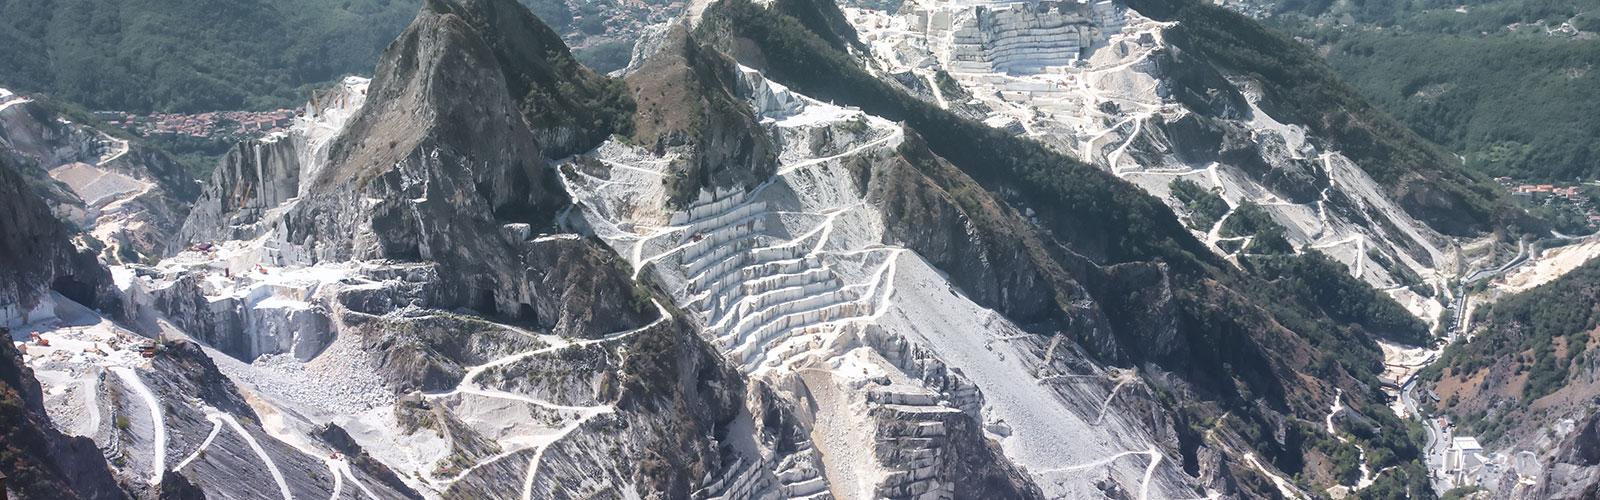 Visita alle cave del marmo di Carrara: un'esperienza irripetibile